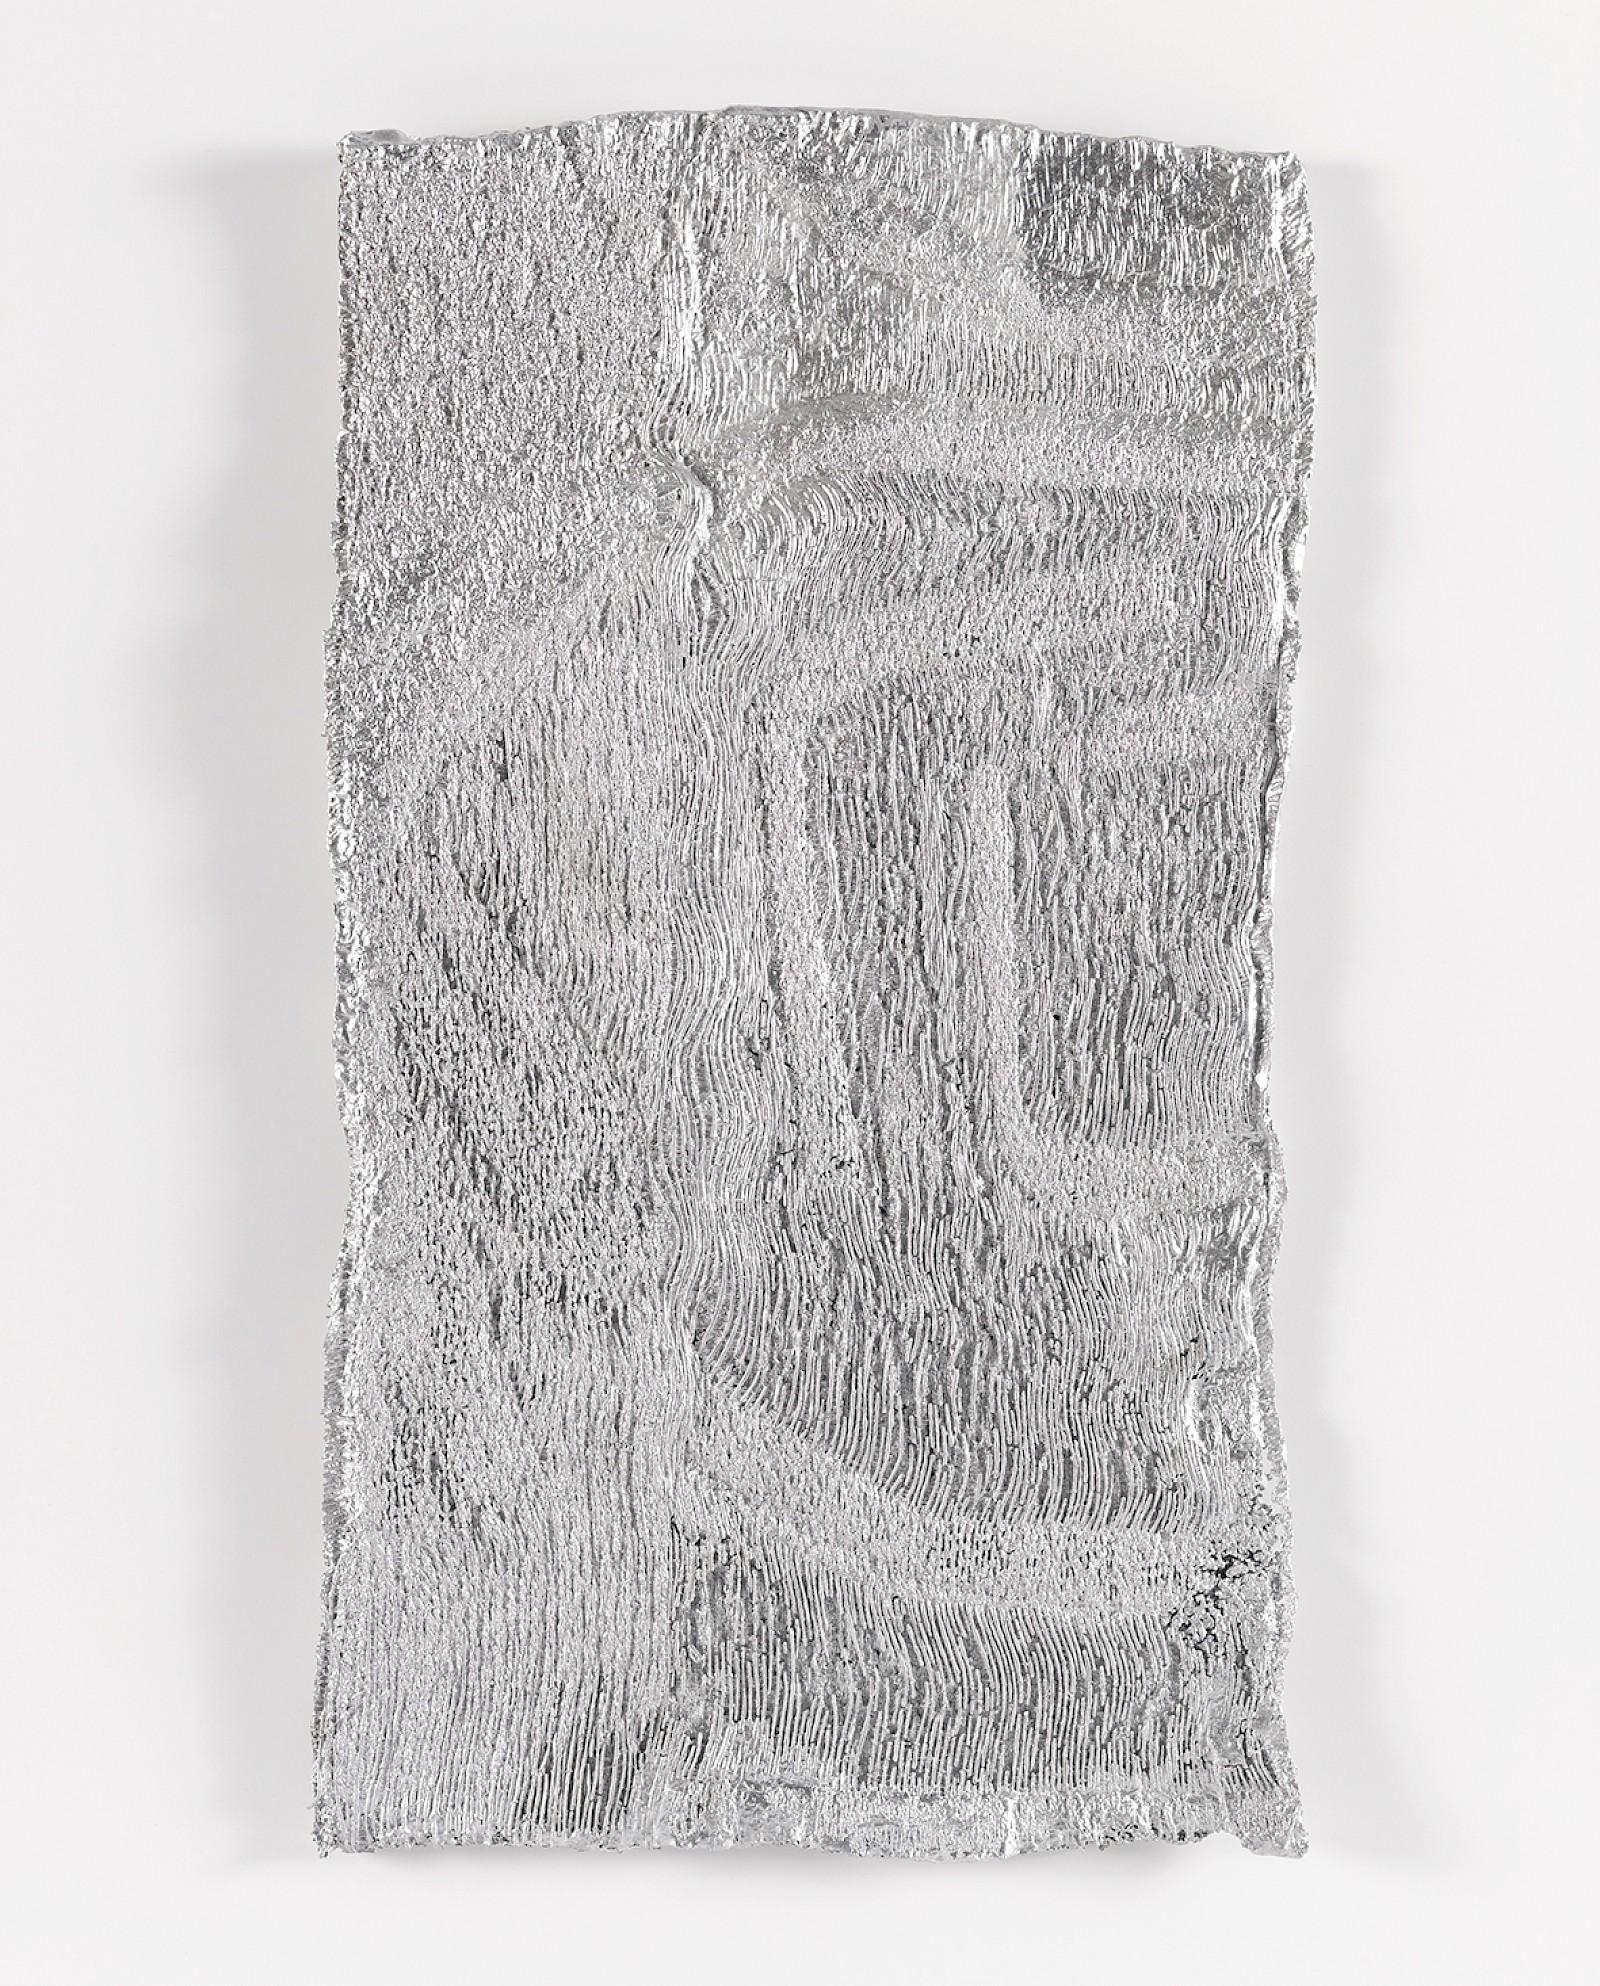 Image - Sur le fil, aluminium, Size: 21 x 37 x 0.5cm